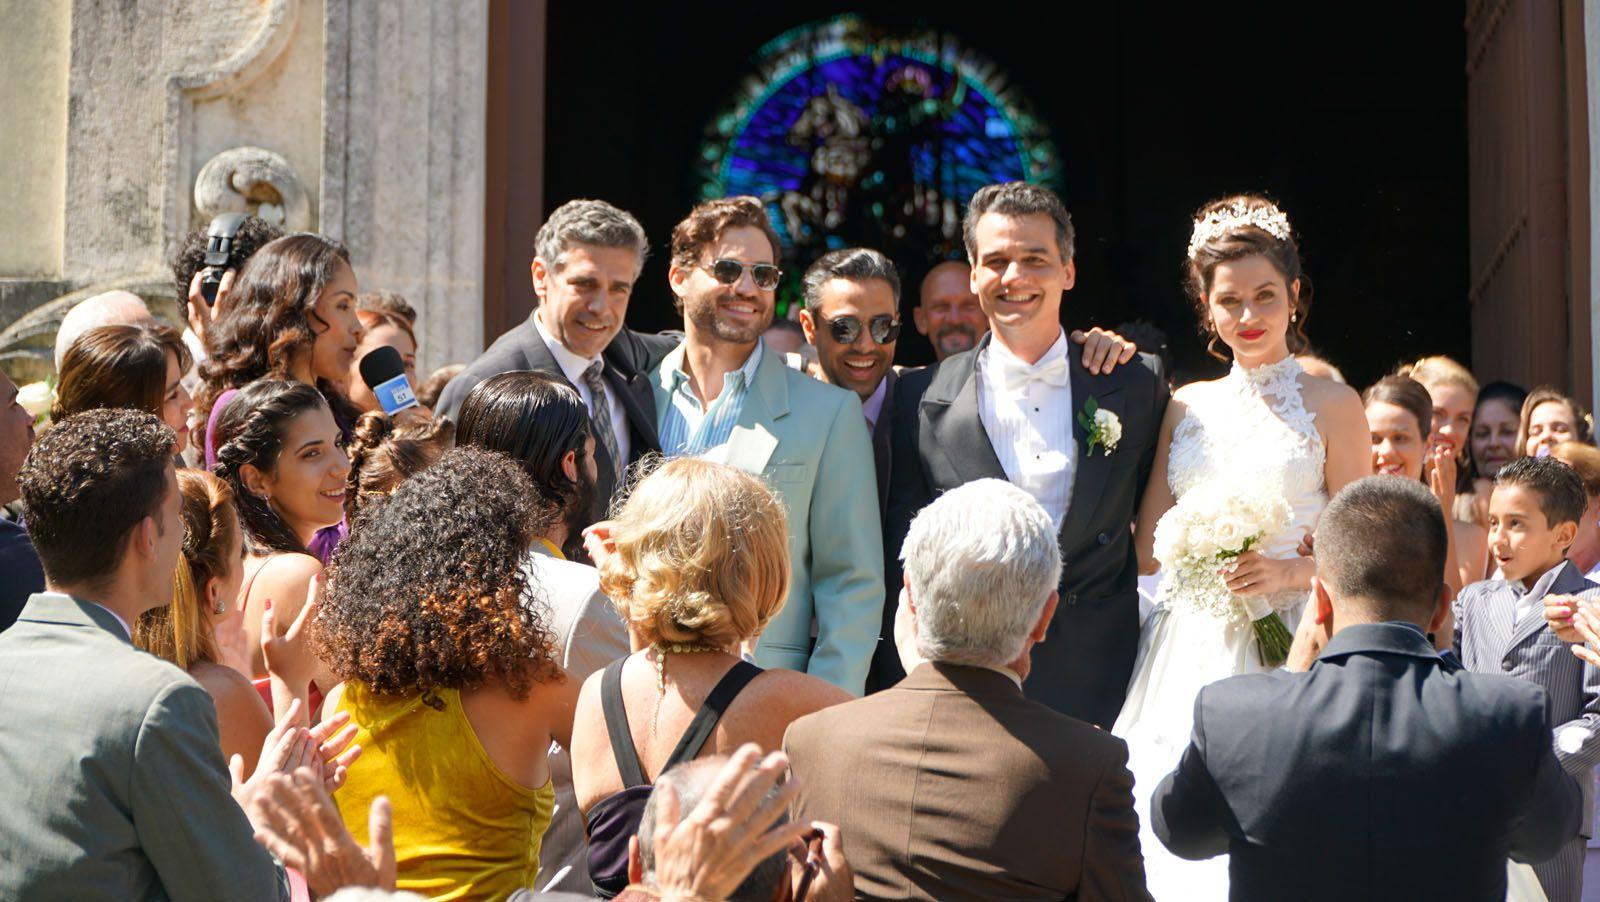 CUBAN NETWORK (BANDE-ANNONCE) de Olivier Assayas avec Penélope Cruz, Édgar Ramírez, Gael García Bernal - Le 29 janvier 2020 au cinéma